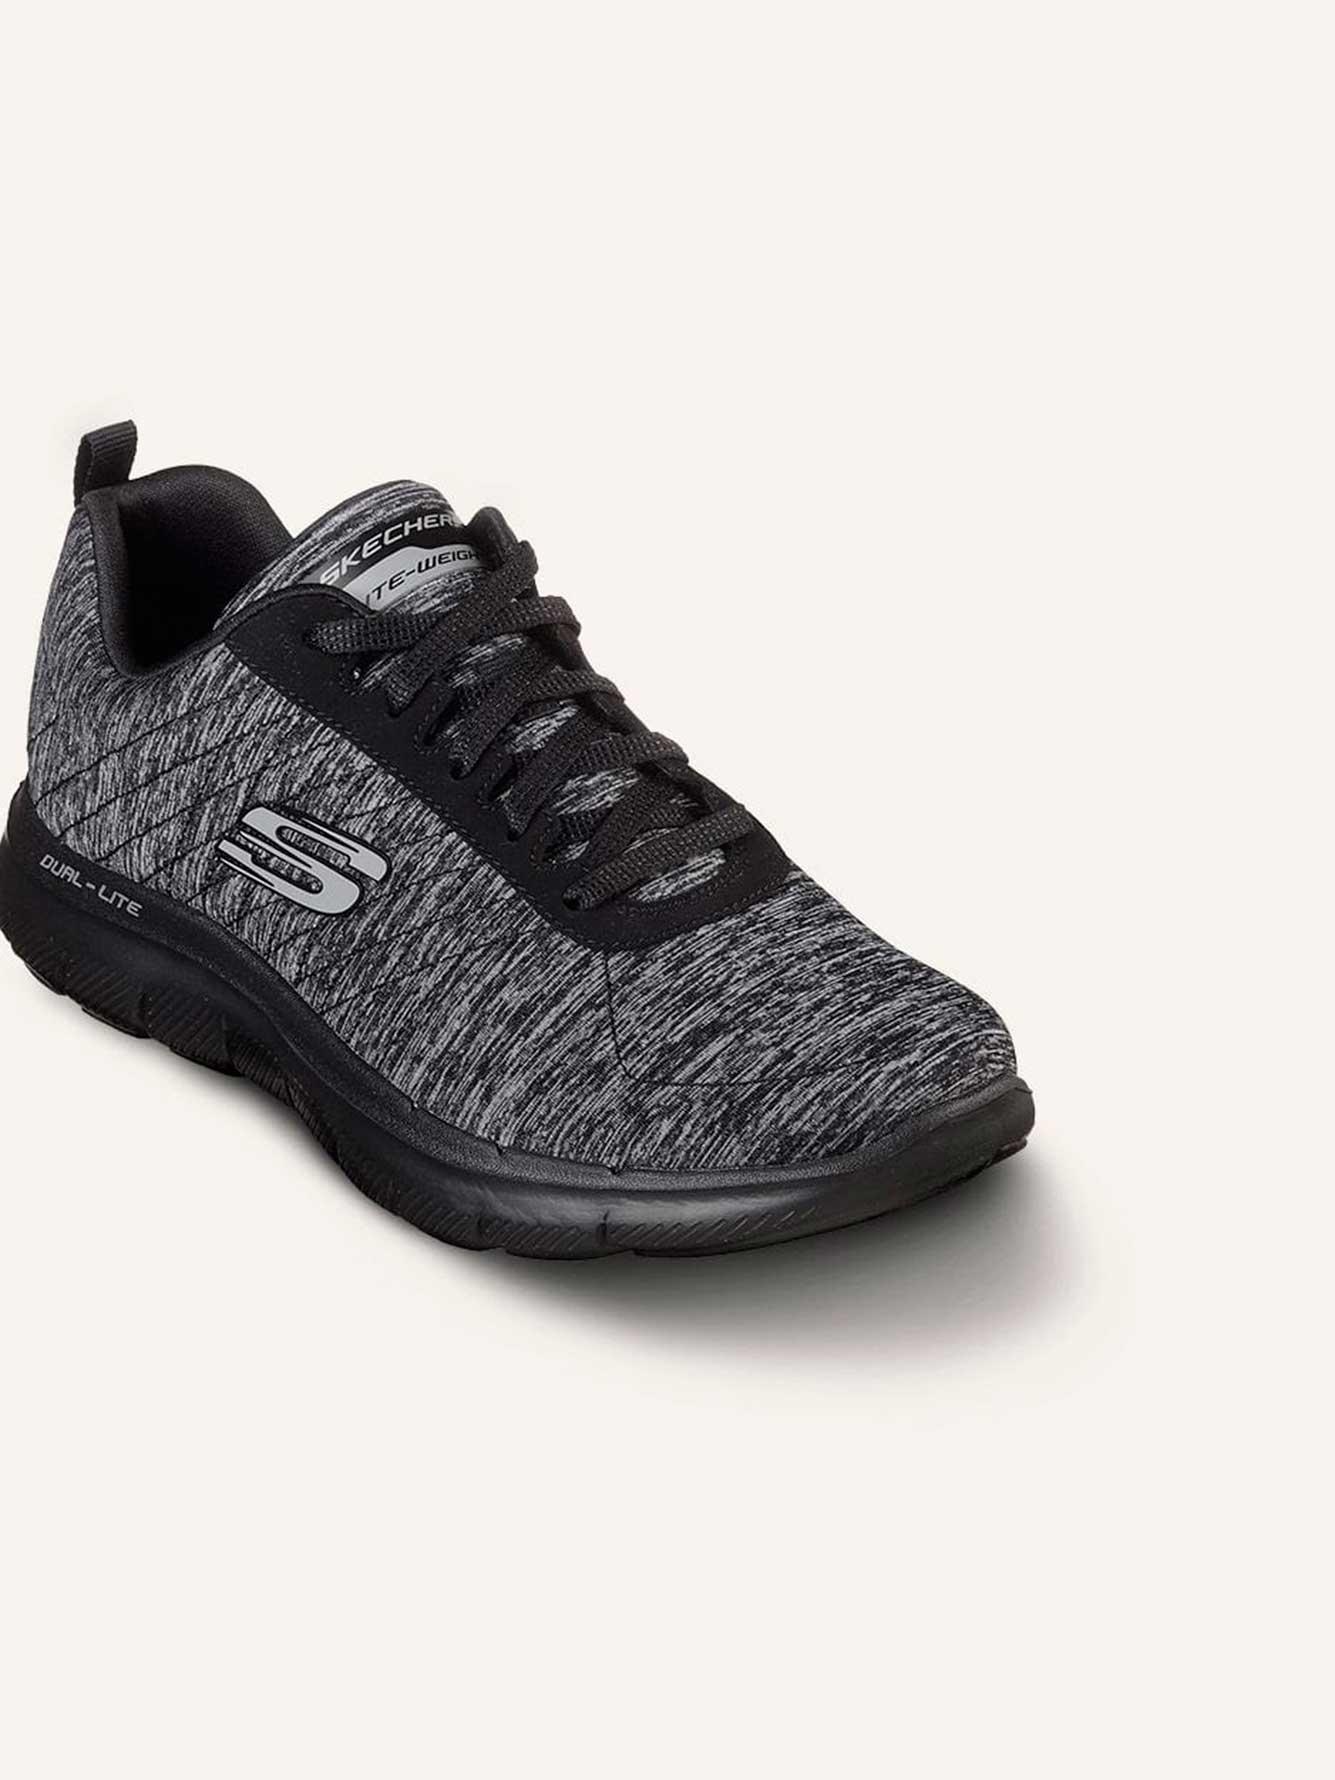 Chaussures bon marché en gros Skechers Flex Appeal 2.0 Gry